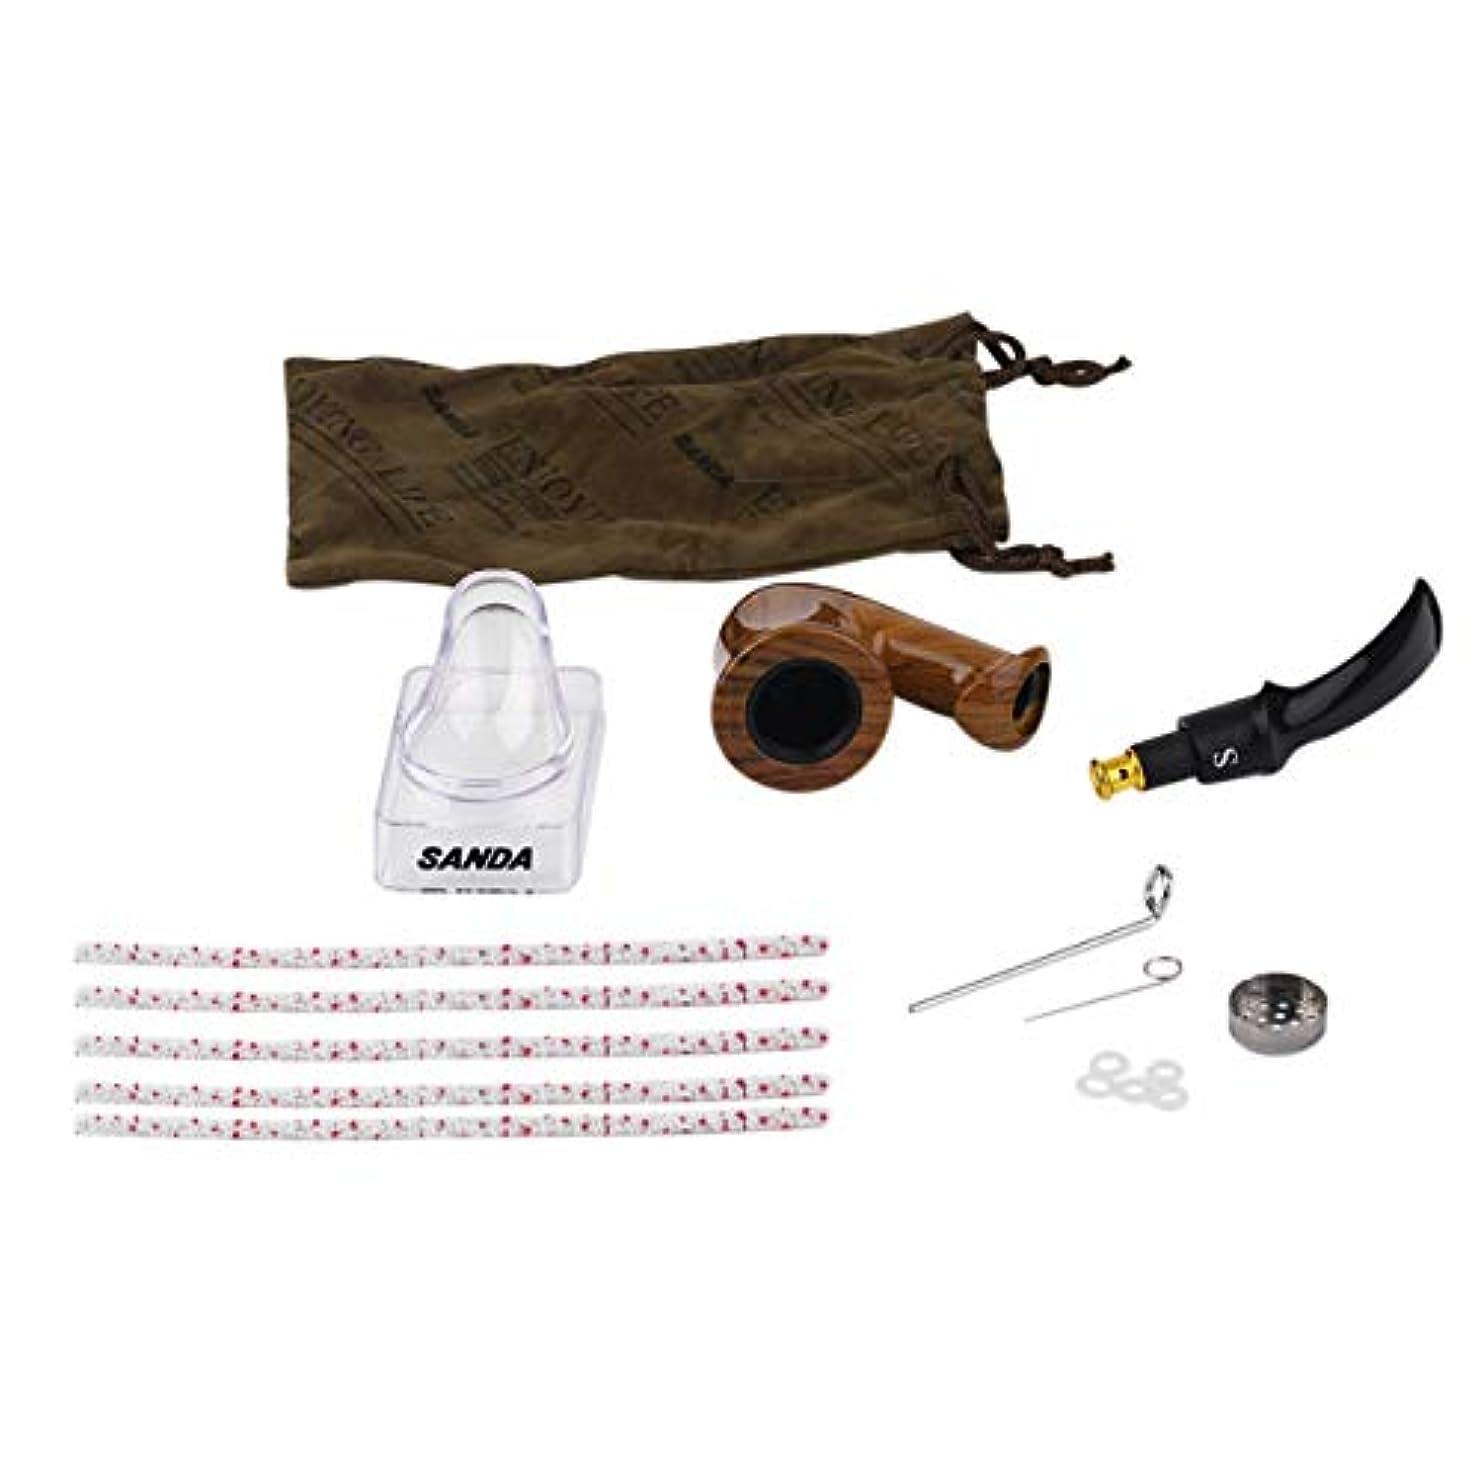 毎週弁護人地域のSaikogoods 耐久性のある喫煙パイプ木製パイプ煙喫煙木製の喫煙パイプの雑草パイプ男性のための最高の贈り物2色 褐色